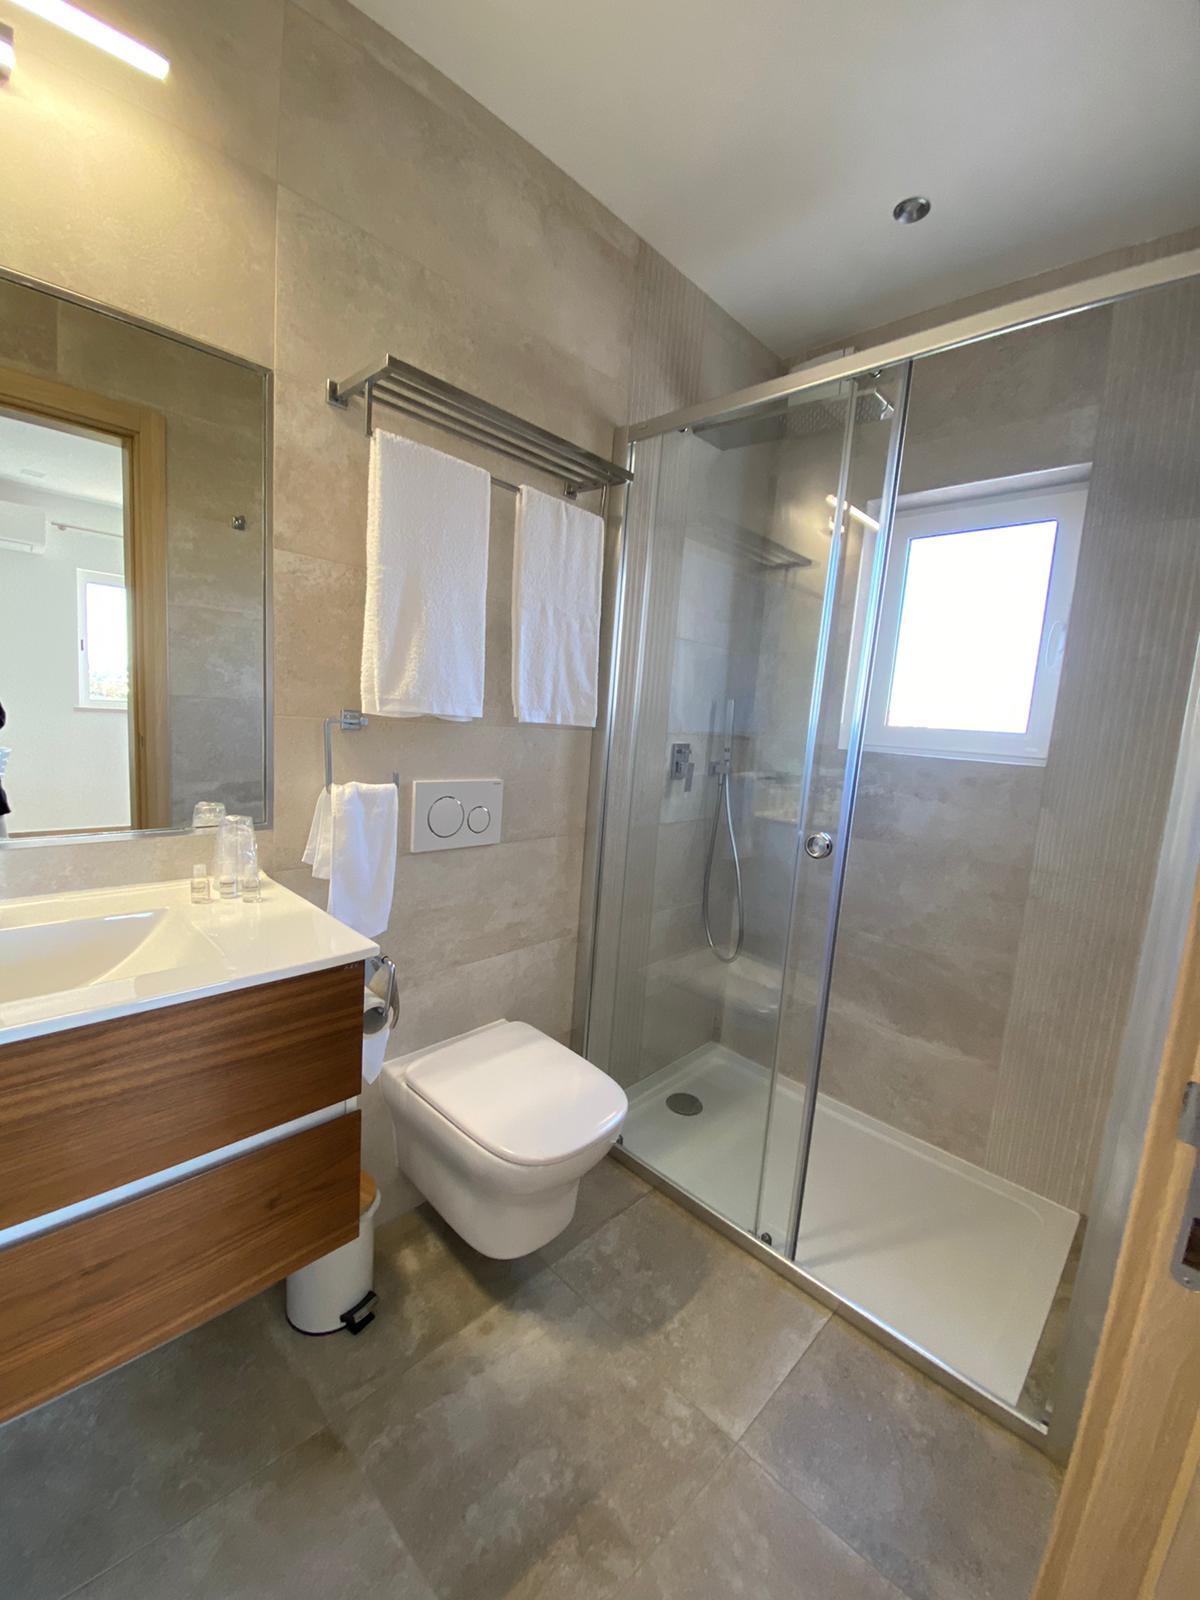 Holiday apartments and villas for rent, Villa L'Estaque , chambres d'hôtes in Armação de Pêra, Portugal Algarve, REF_IMG_15648_15654